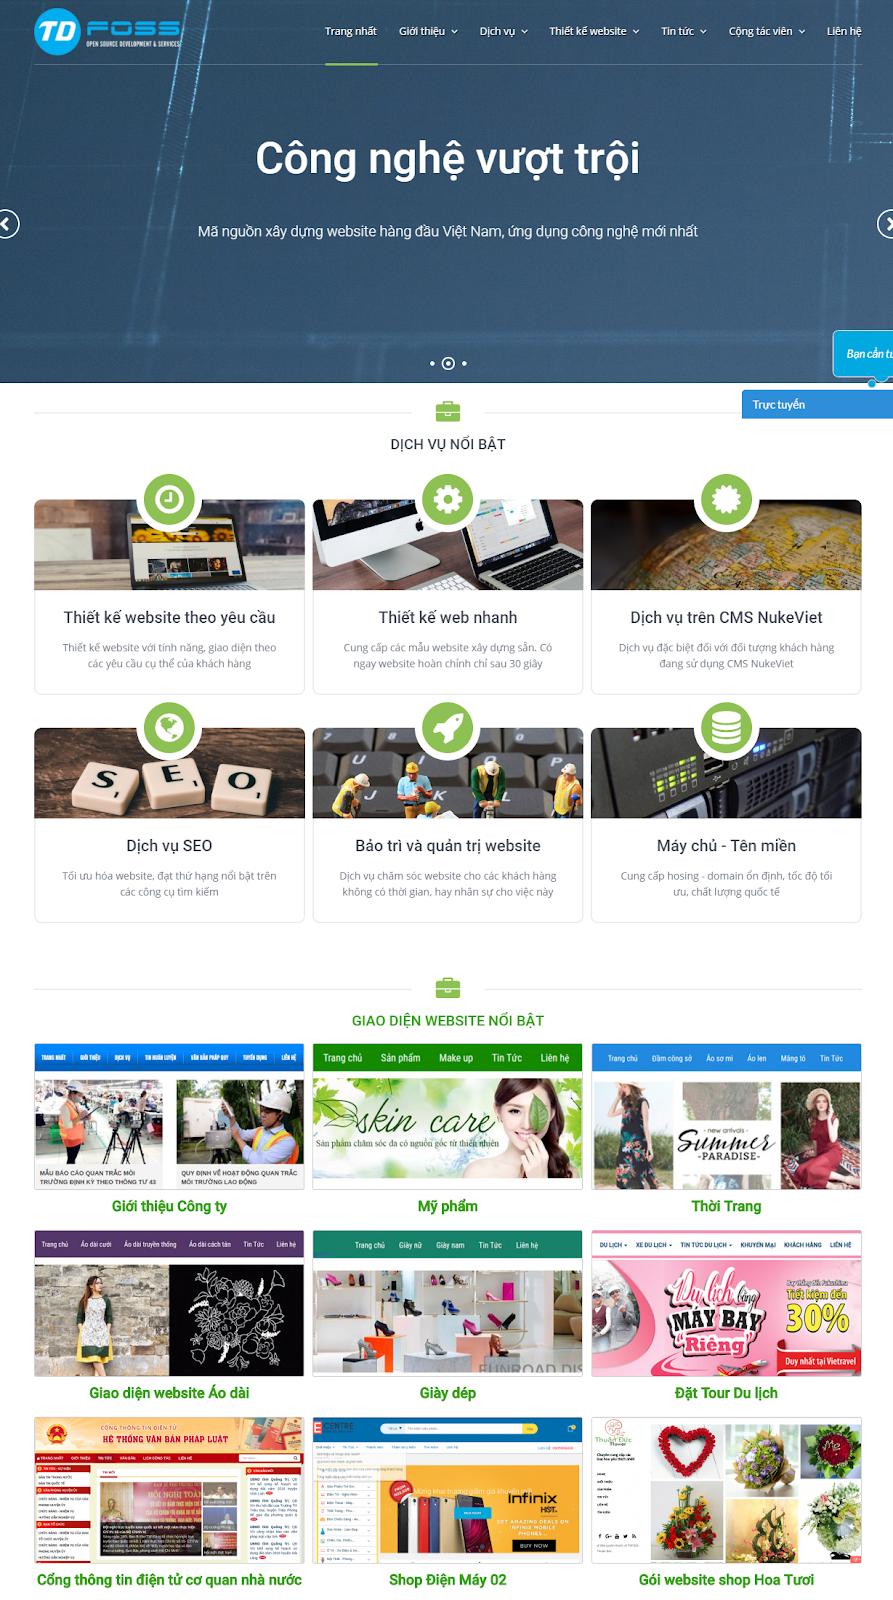 TDFOSS đơn vị thiết kế website chuẩn SEO chuyên nghiệp được nhiều khách hàng tin tưởng trên thị trường hiện nay